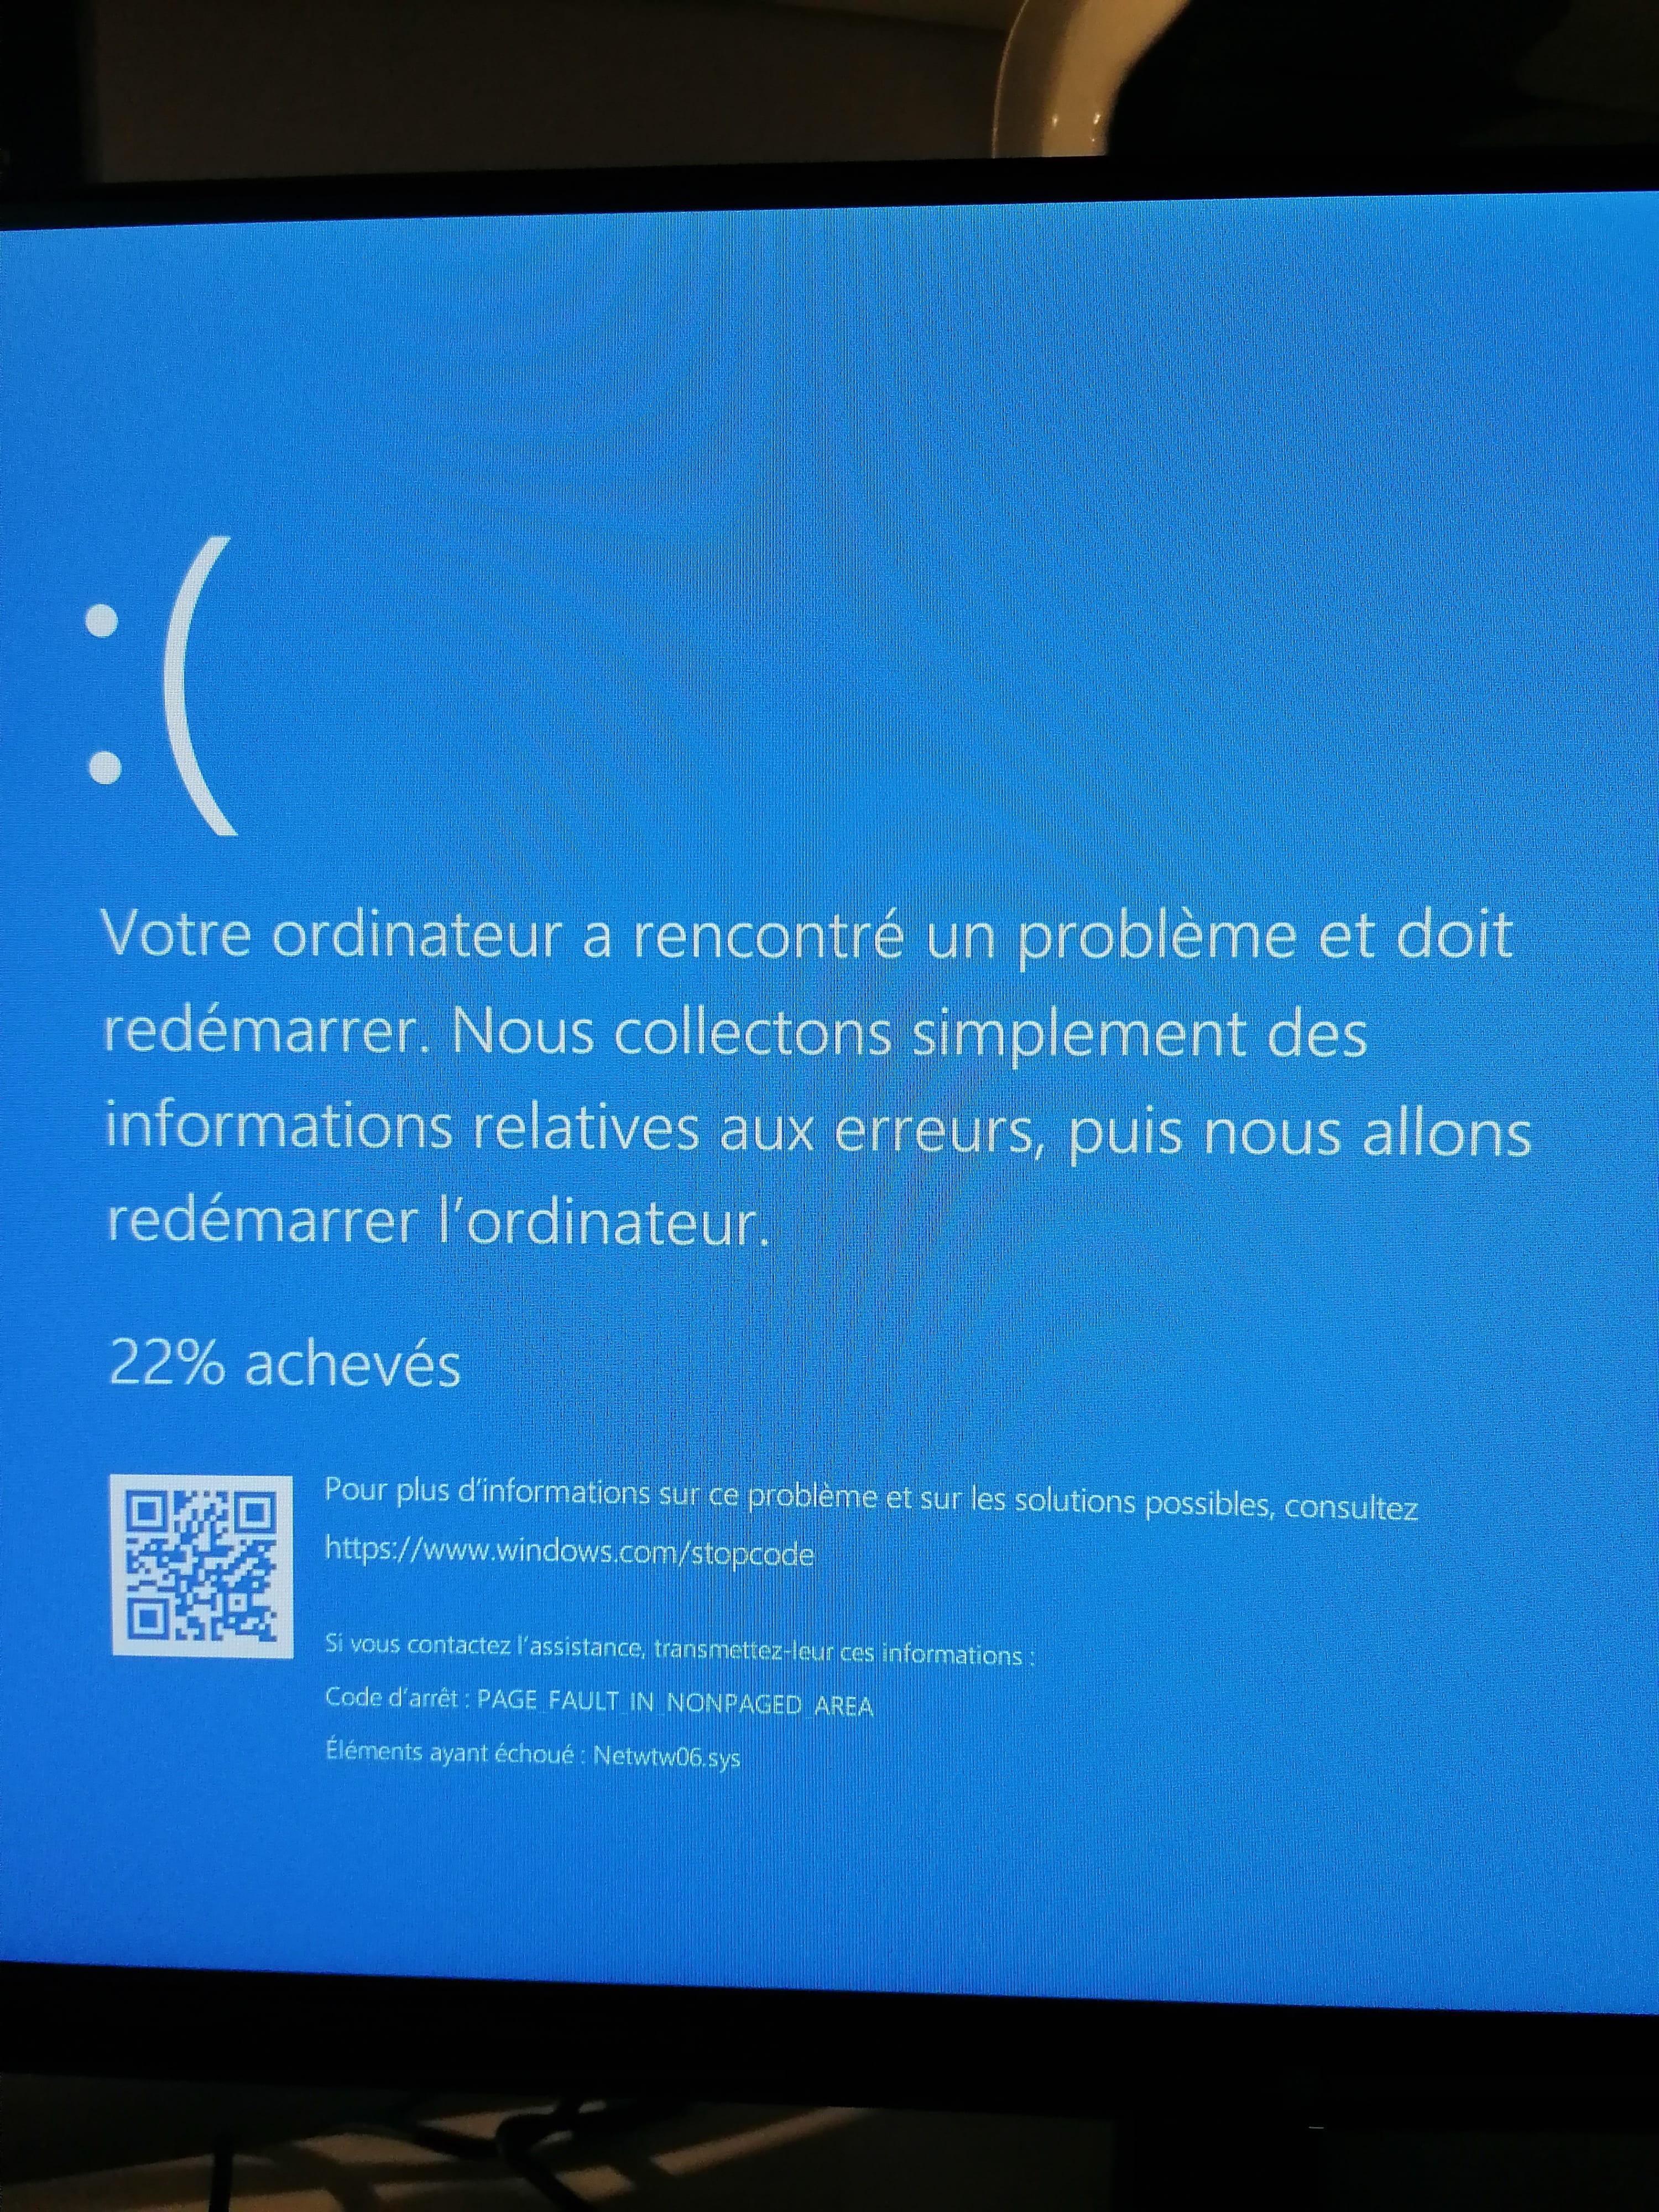 Page bleu/Ecran bleu Windows : comment se débarrasser de l'écran bleu